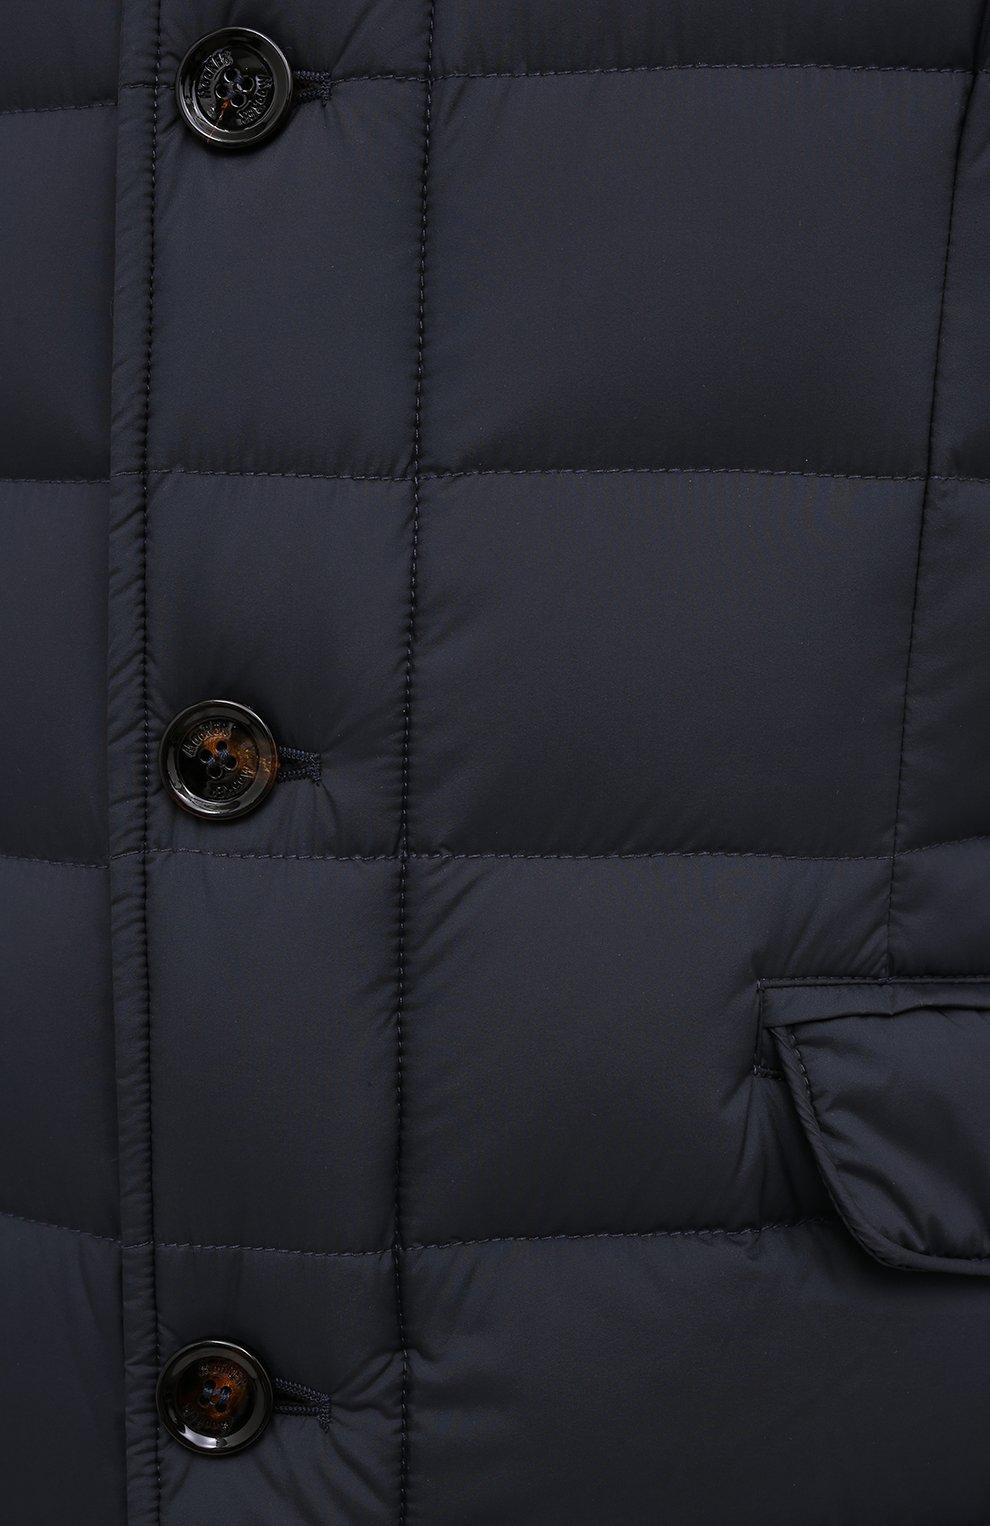 Мужская пуховая куртка zayn-op MOORER синего цвета, арт. ZAYN-0P/M0UGI100307-TEPA017 | Фото 5 (Кросс-КТ: Куртка; Мужское Кросс-КТ: пуховик-короткий; Рукава: Длинные; Материал внешний: Синтетический материал; Материал подклада: Синтетический материал; Длина (верхняя одежда): Короткие; Материал утеплителя: Пух и перо; Стили: Кэжуэл)